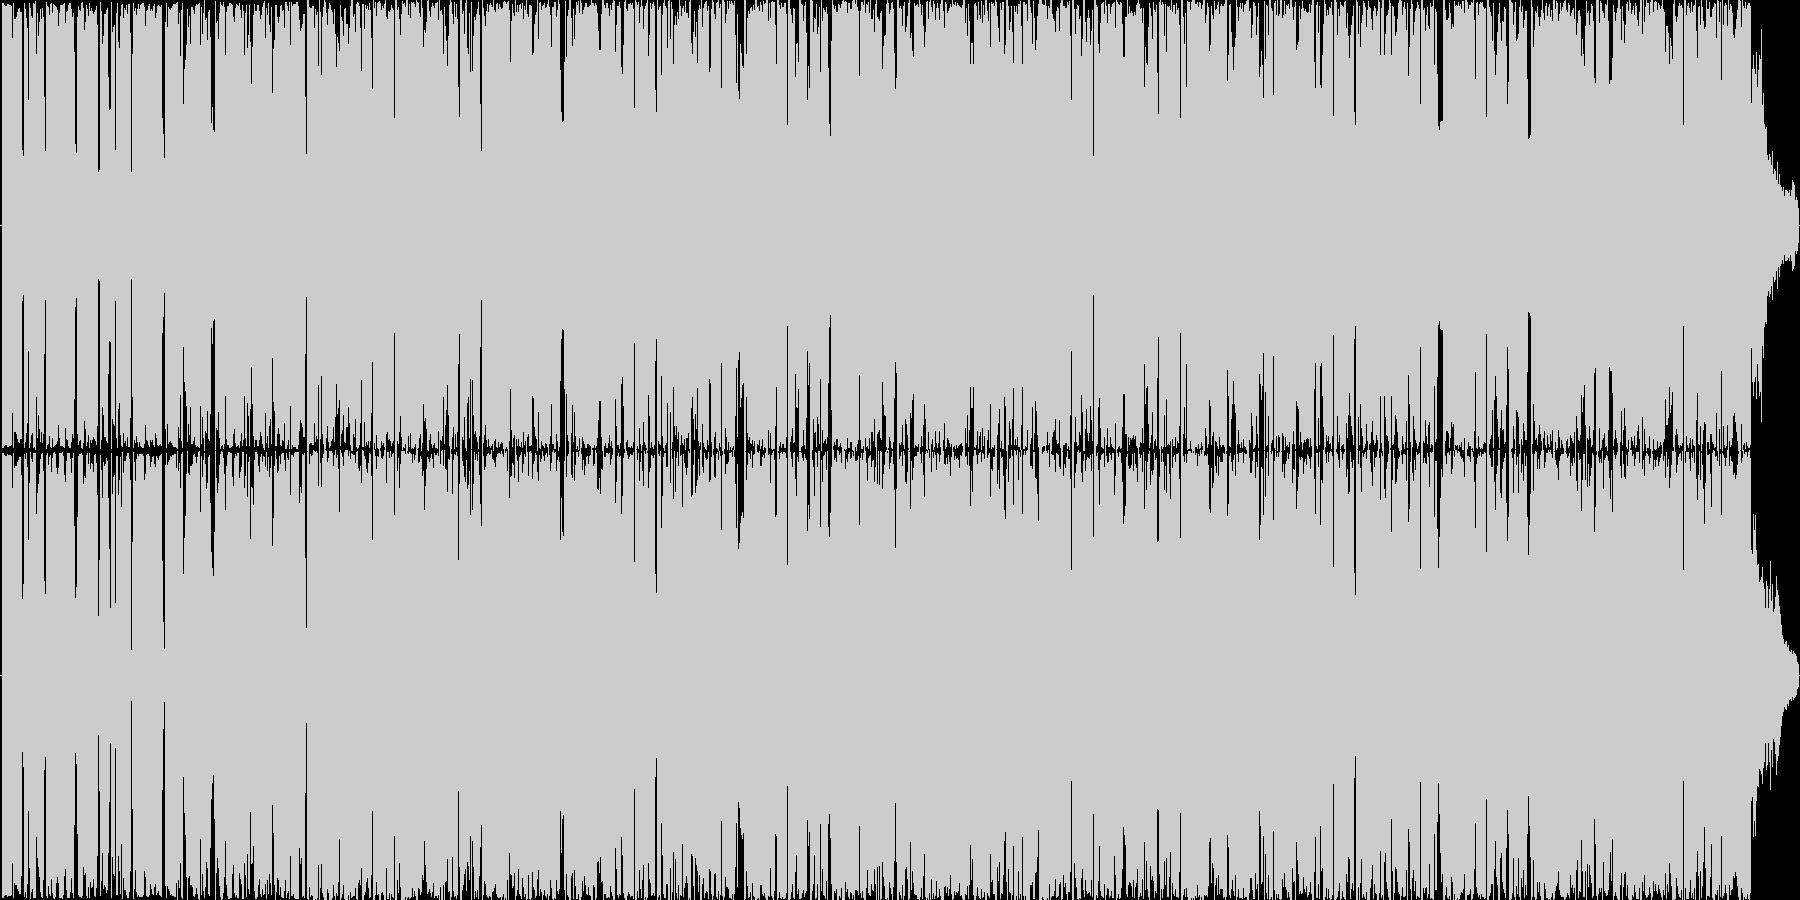 レトロRPGの戦闘のシーンで使われる様…の未再生の波形